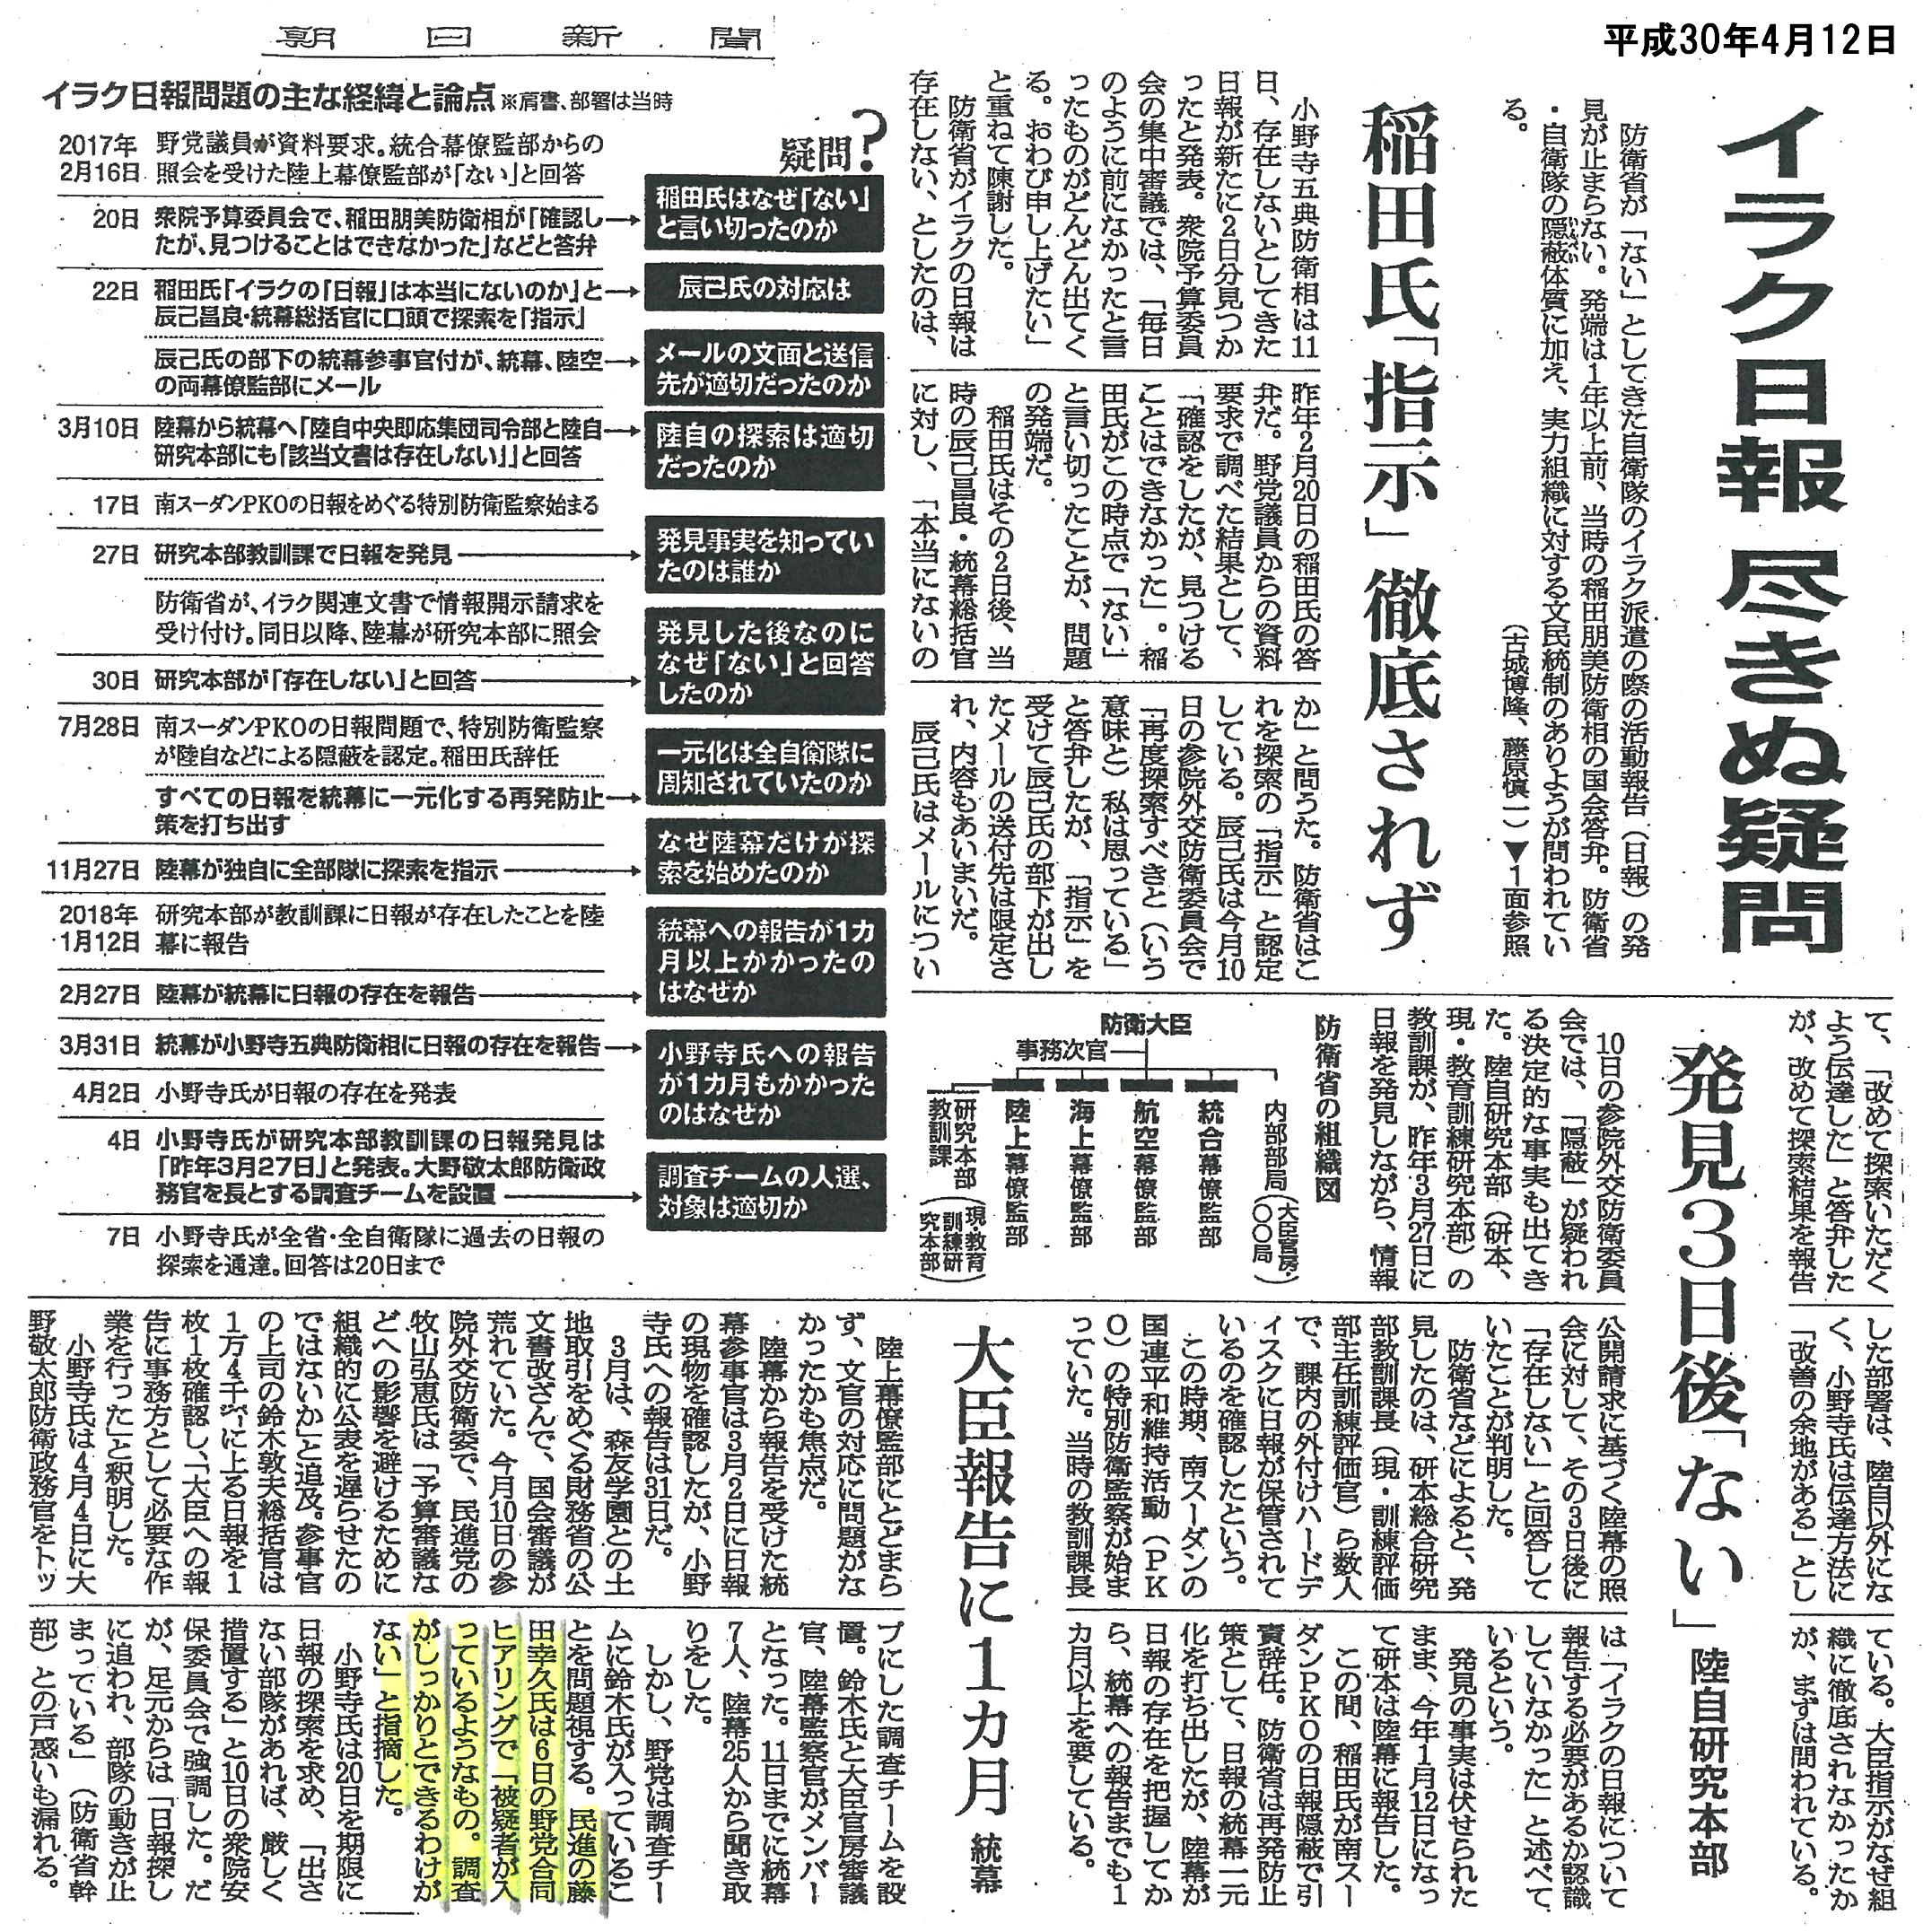 【朝日新聞】イラク日報尽きぬ疑問 大臣報告に1カ月